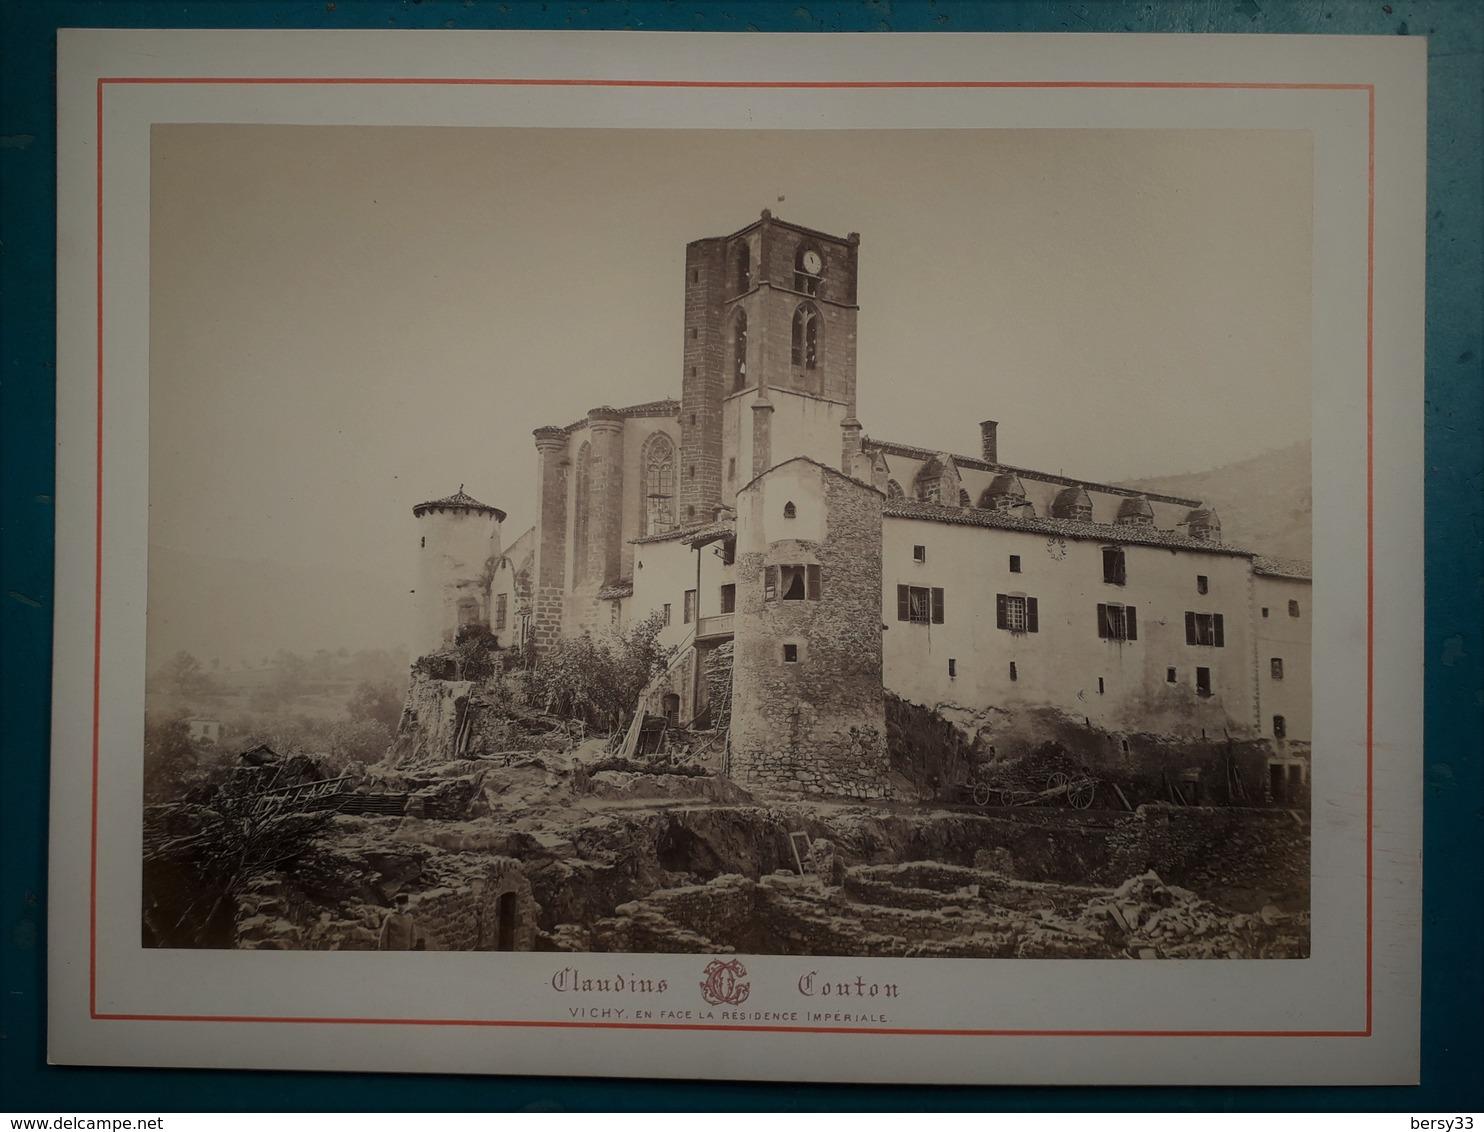 VICHY Et Ses Environs - CHATEAU A SITUER  - Photographie Ancienne Albuminée De Claudius Couton - Fotos